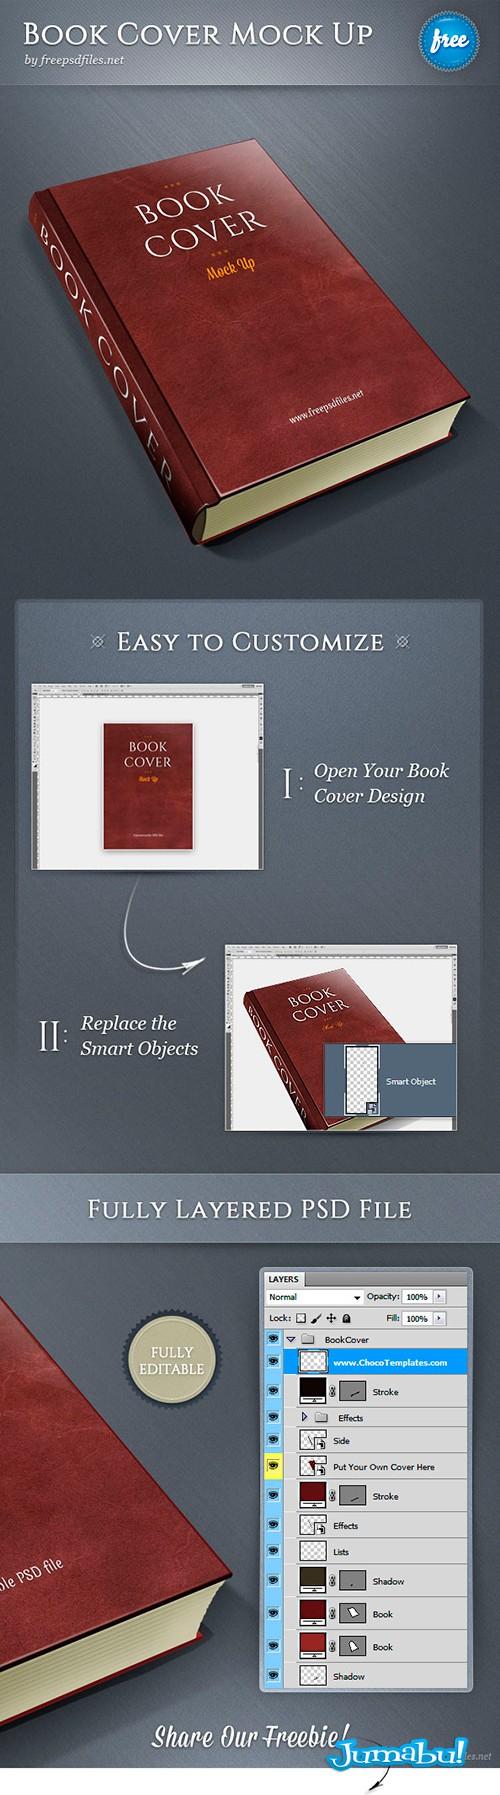 diseno tapa libros psd photoshop - Mock Up Tapa de Libros en PSD